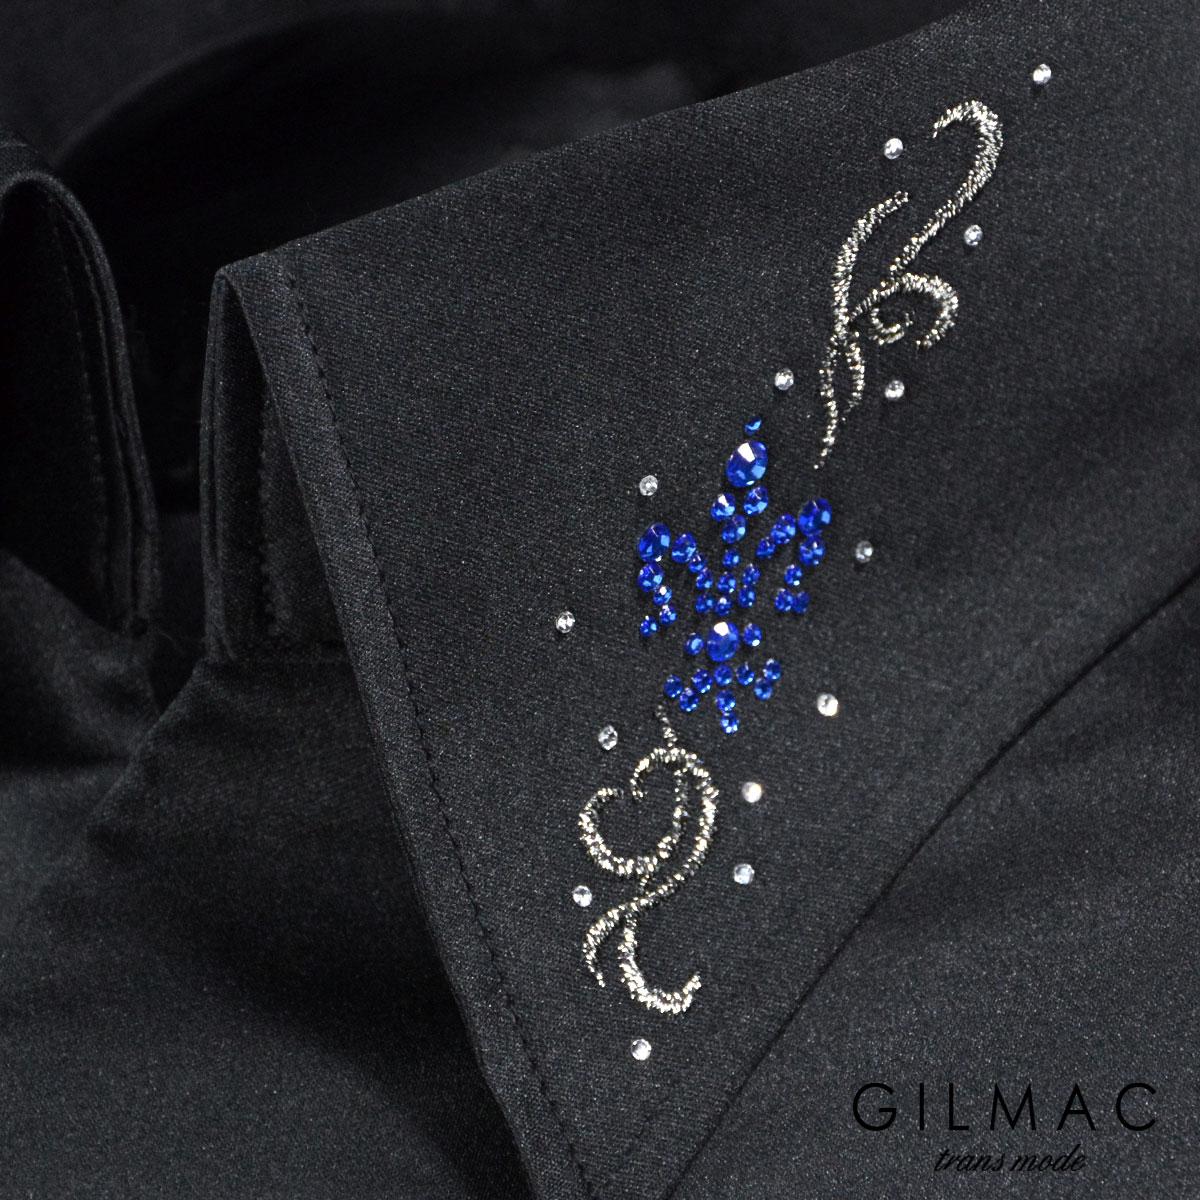 サテンシャツ 無地 日本製 スキッパー イタリアンカラー メンズ 襟 百合の紋章 花 ラインストーン 結婚式 ドレスシャツ mens(ブラック黒) 36743